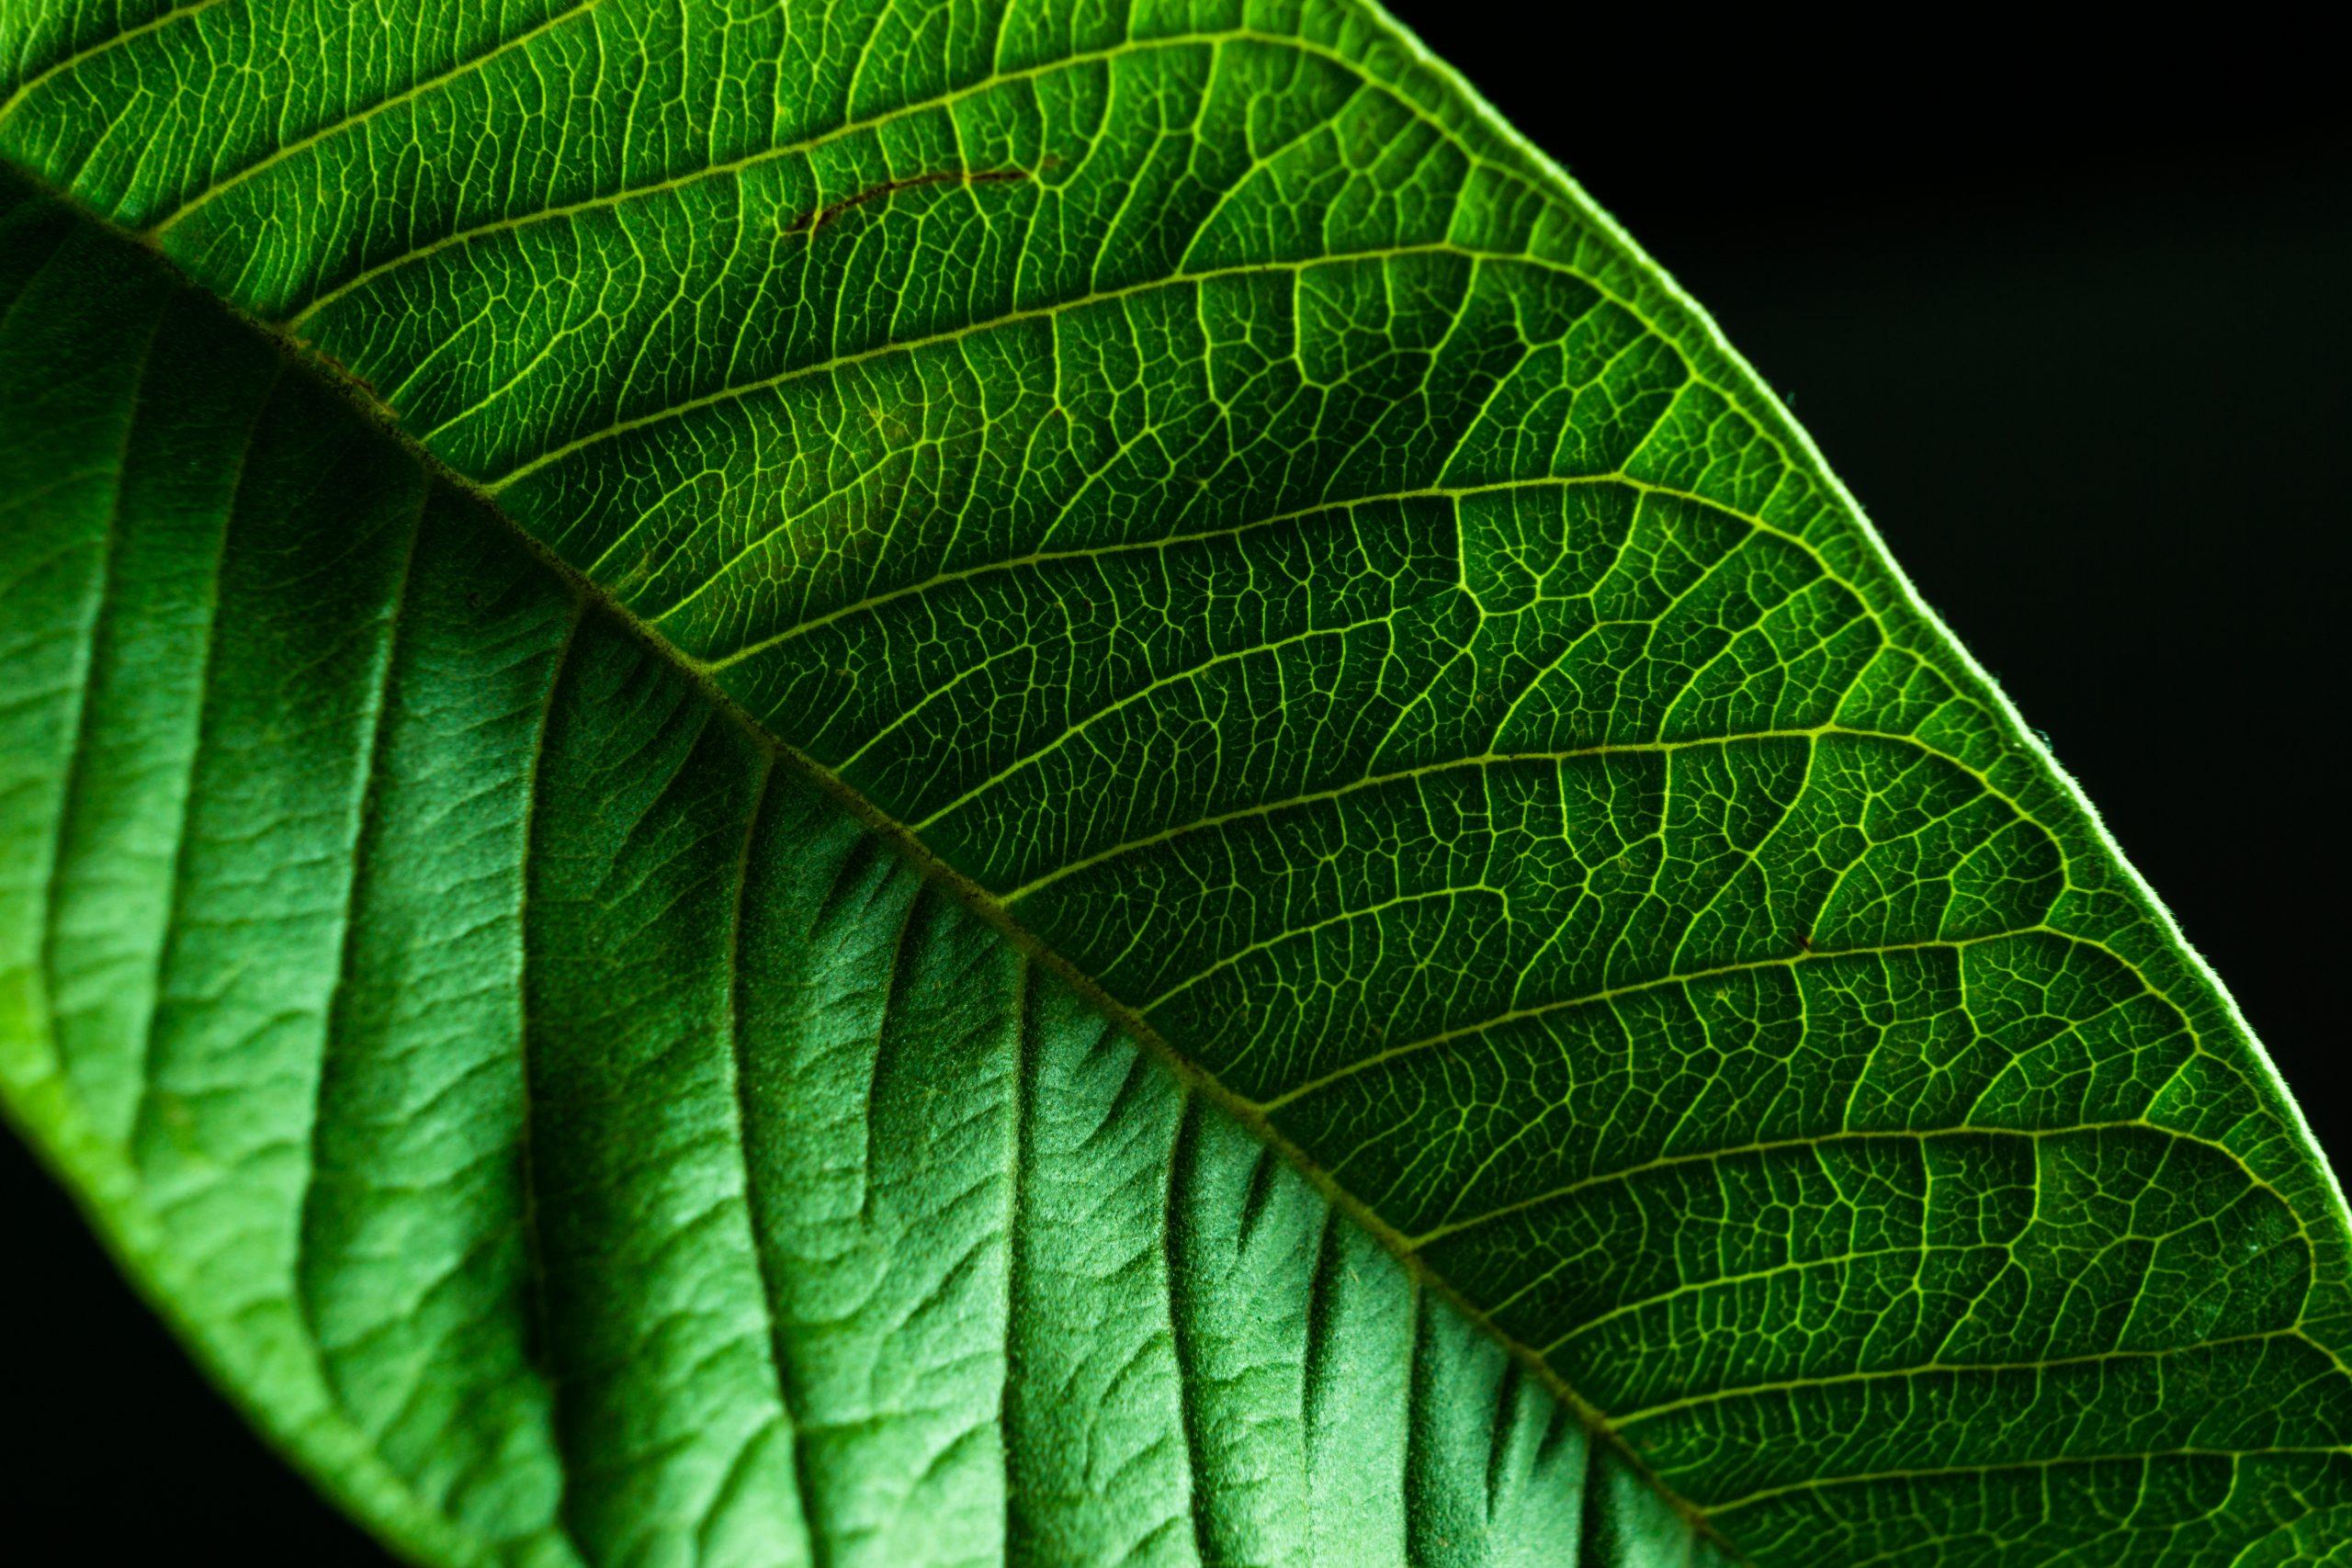 c;lose up of a leaf